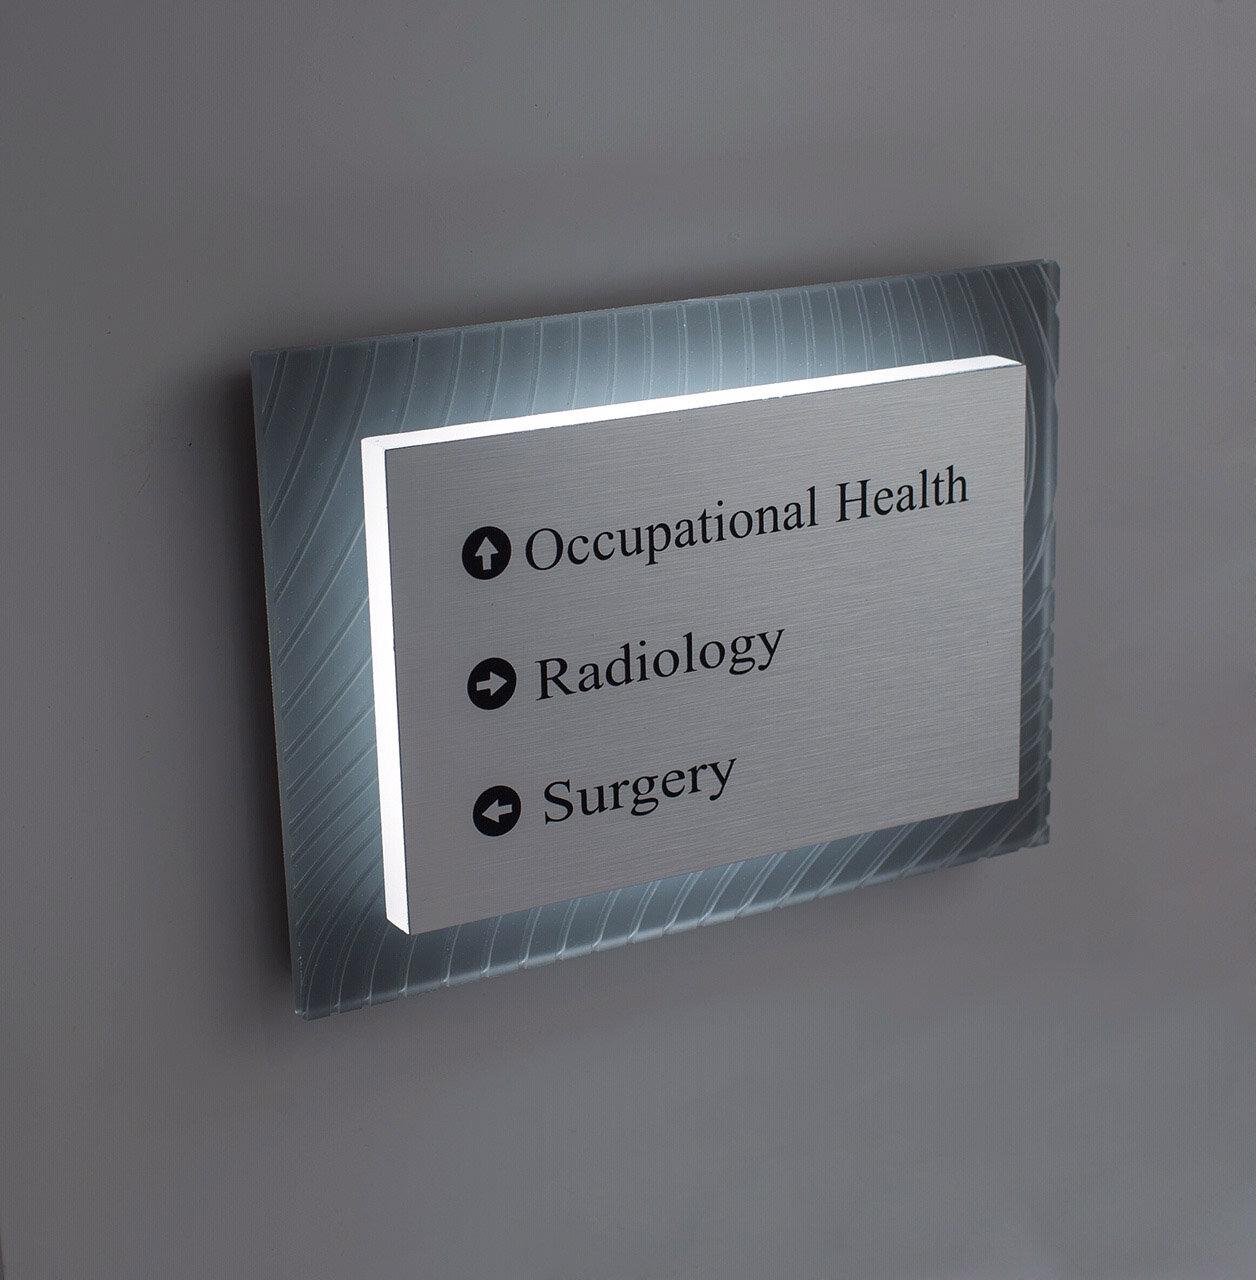 hospital signage light engine steel art.jpg